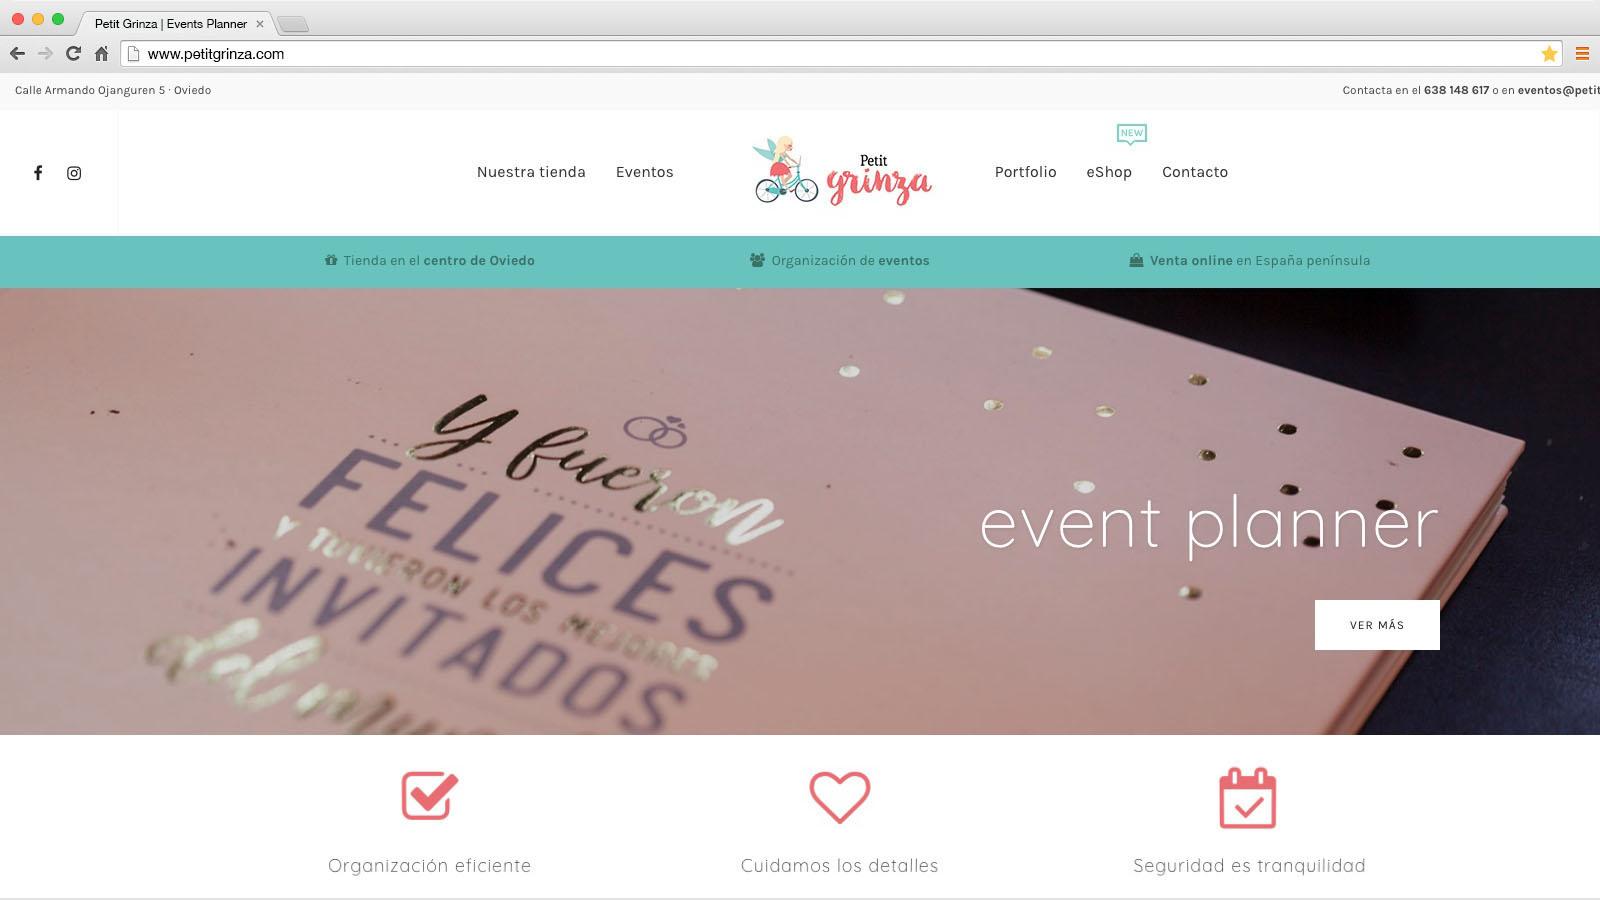 Website Petit Grinza - víctor merino | vídeo marketing online